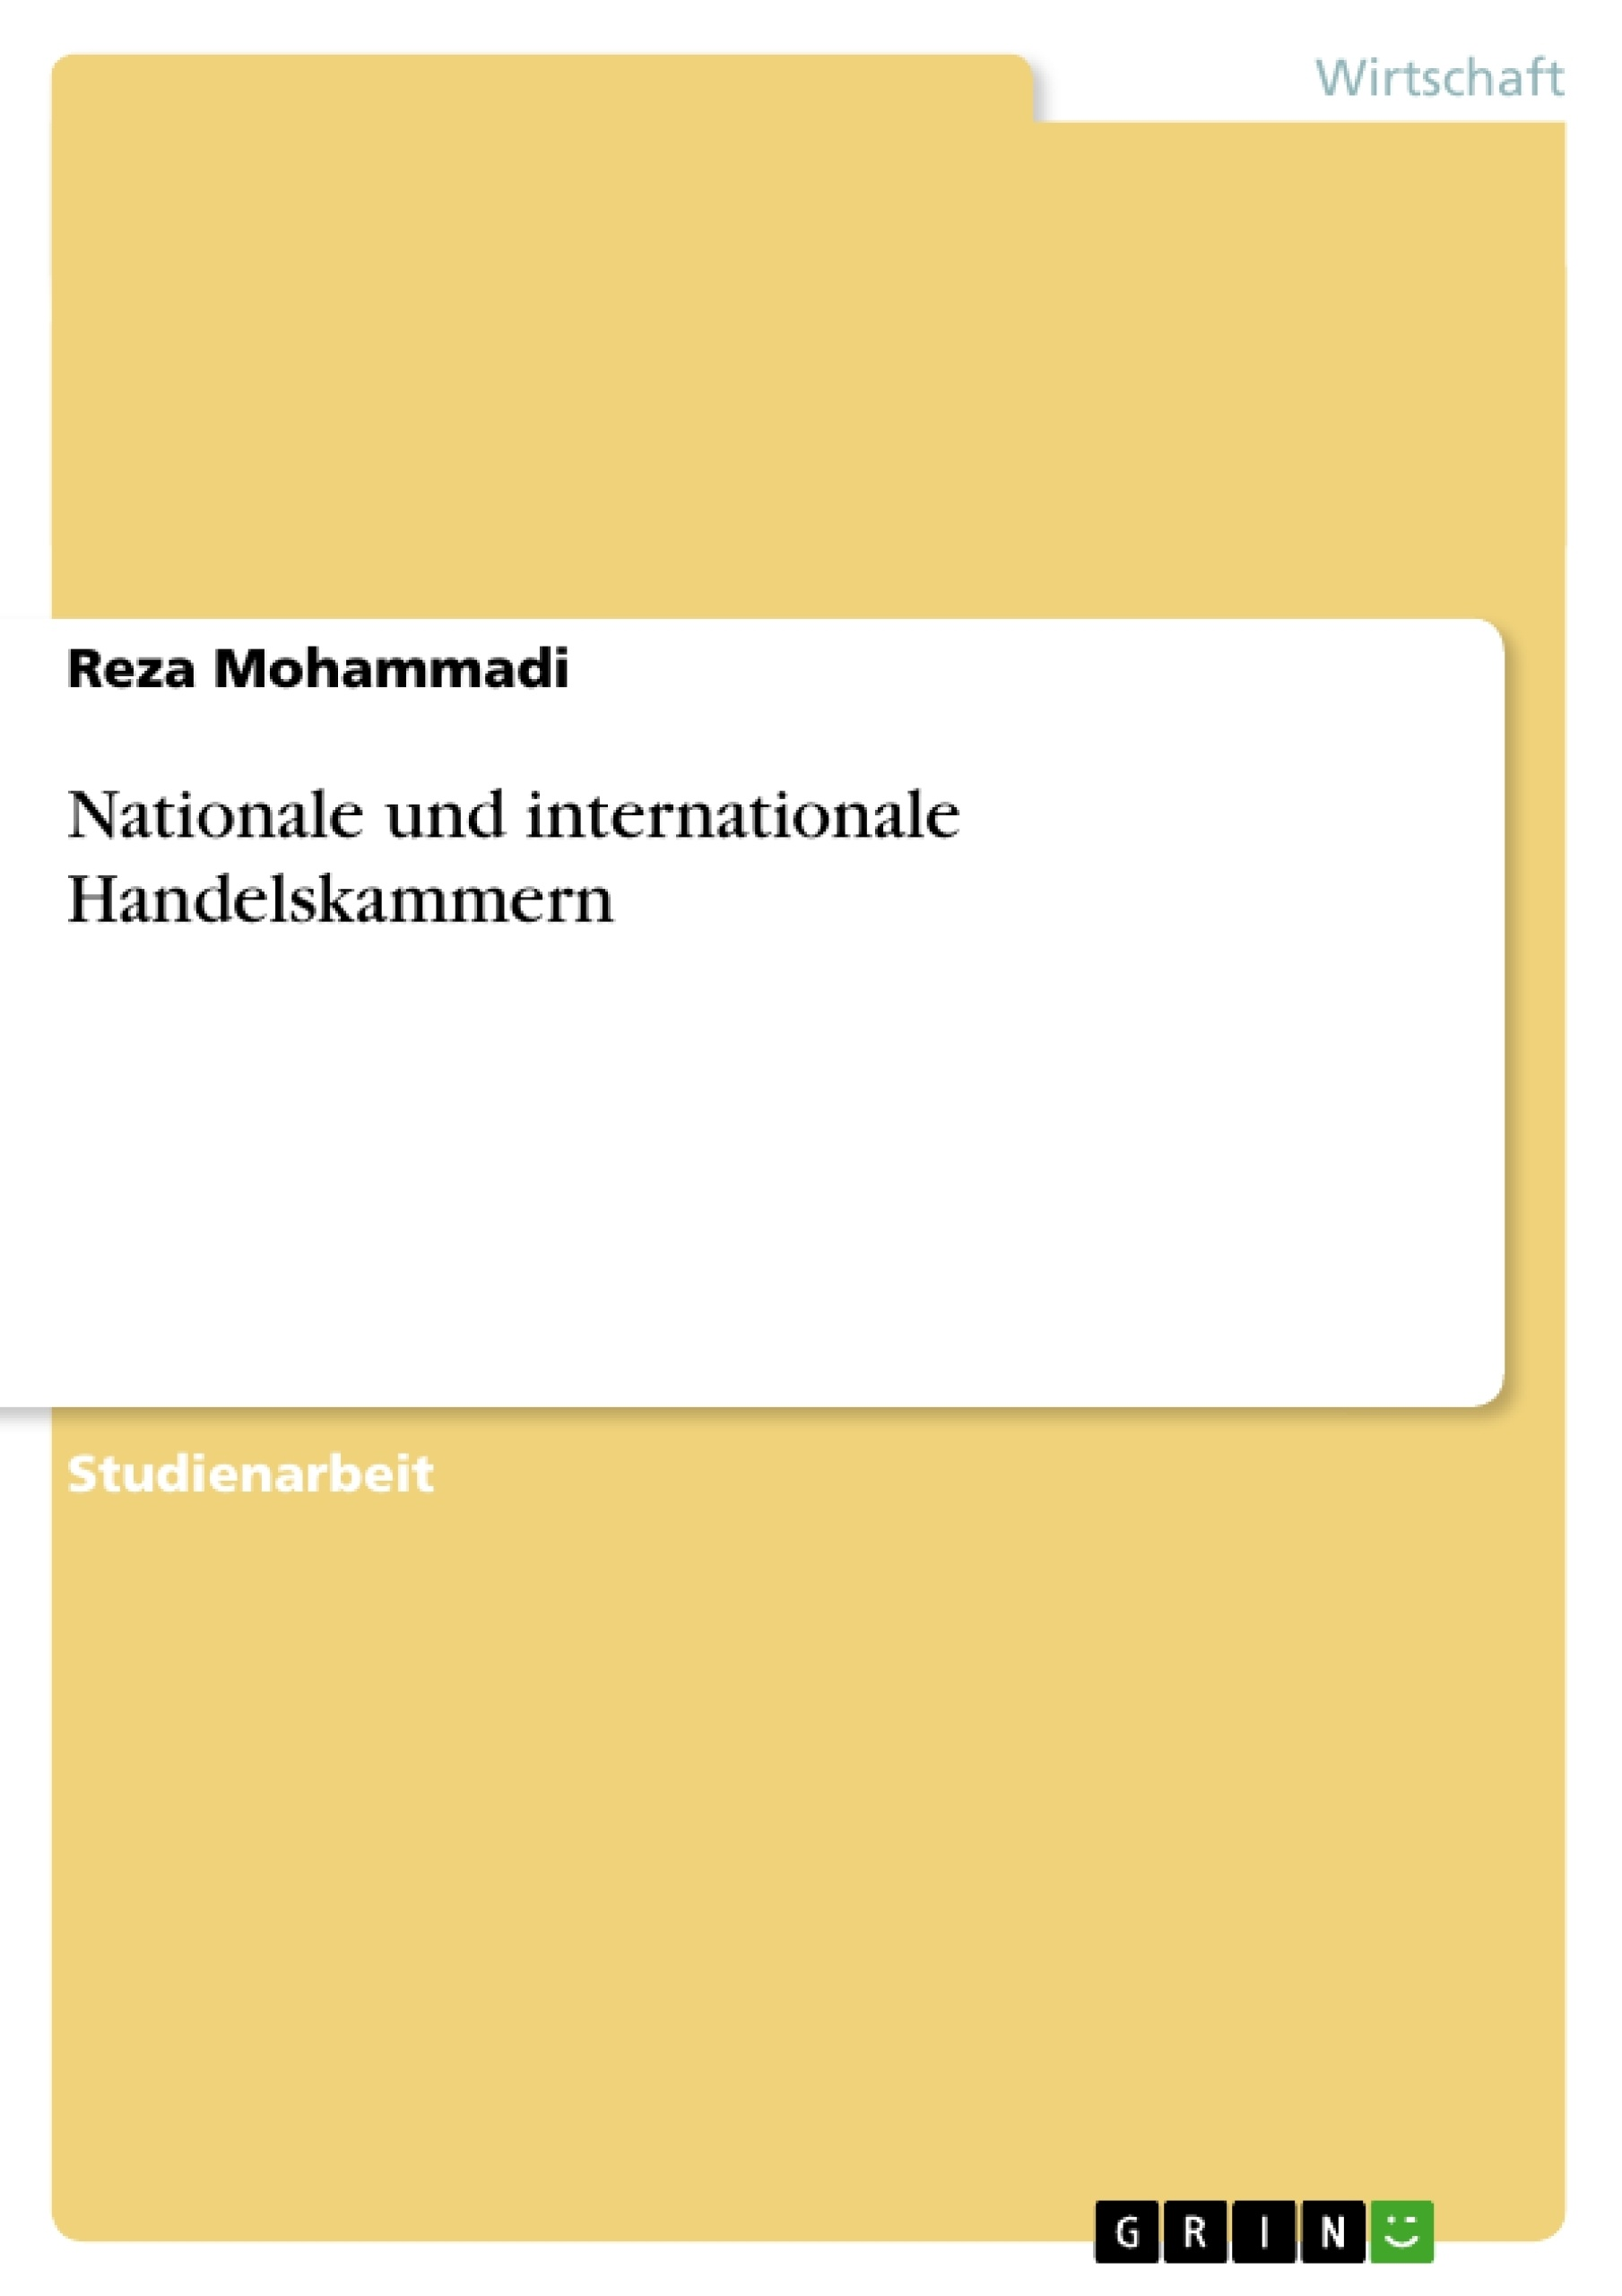 Titel: Nationale und internationale Handelskammern